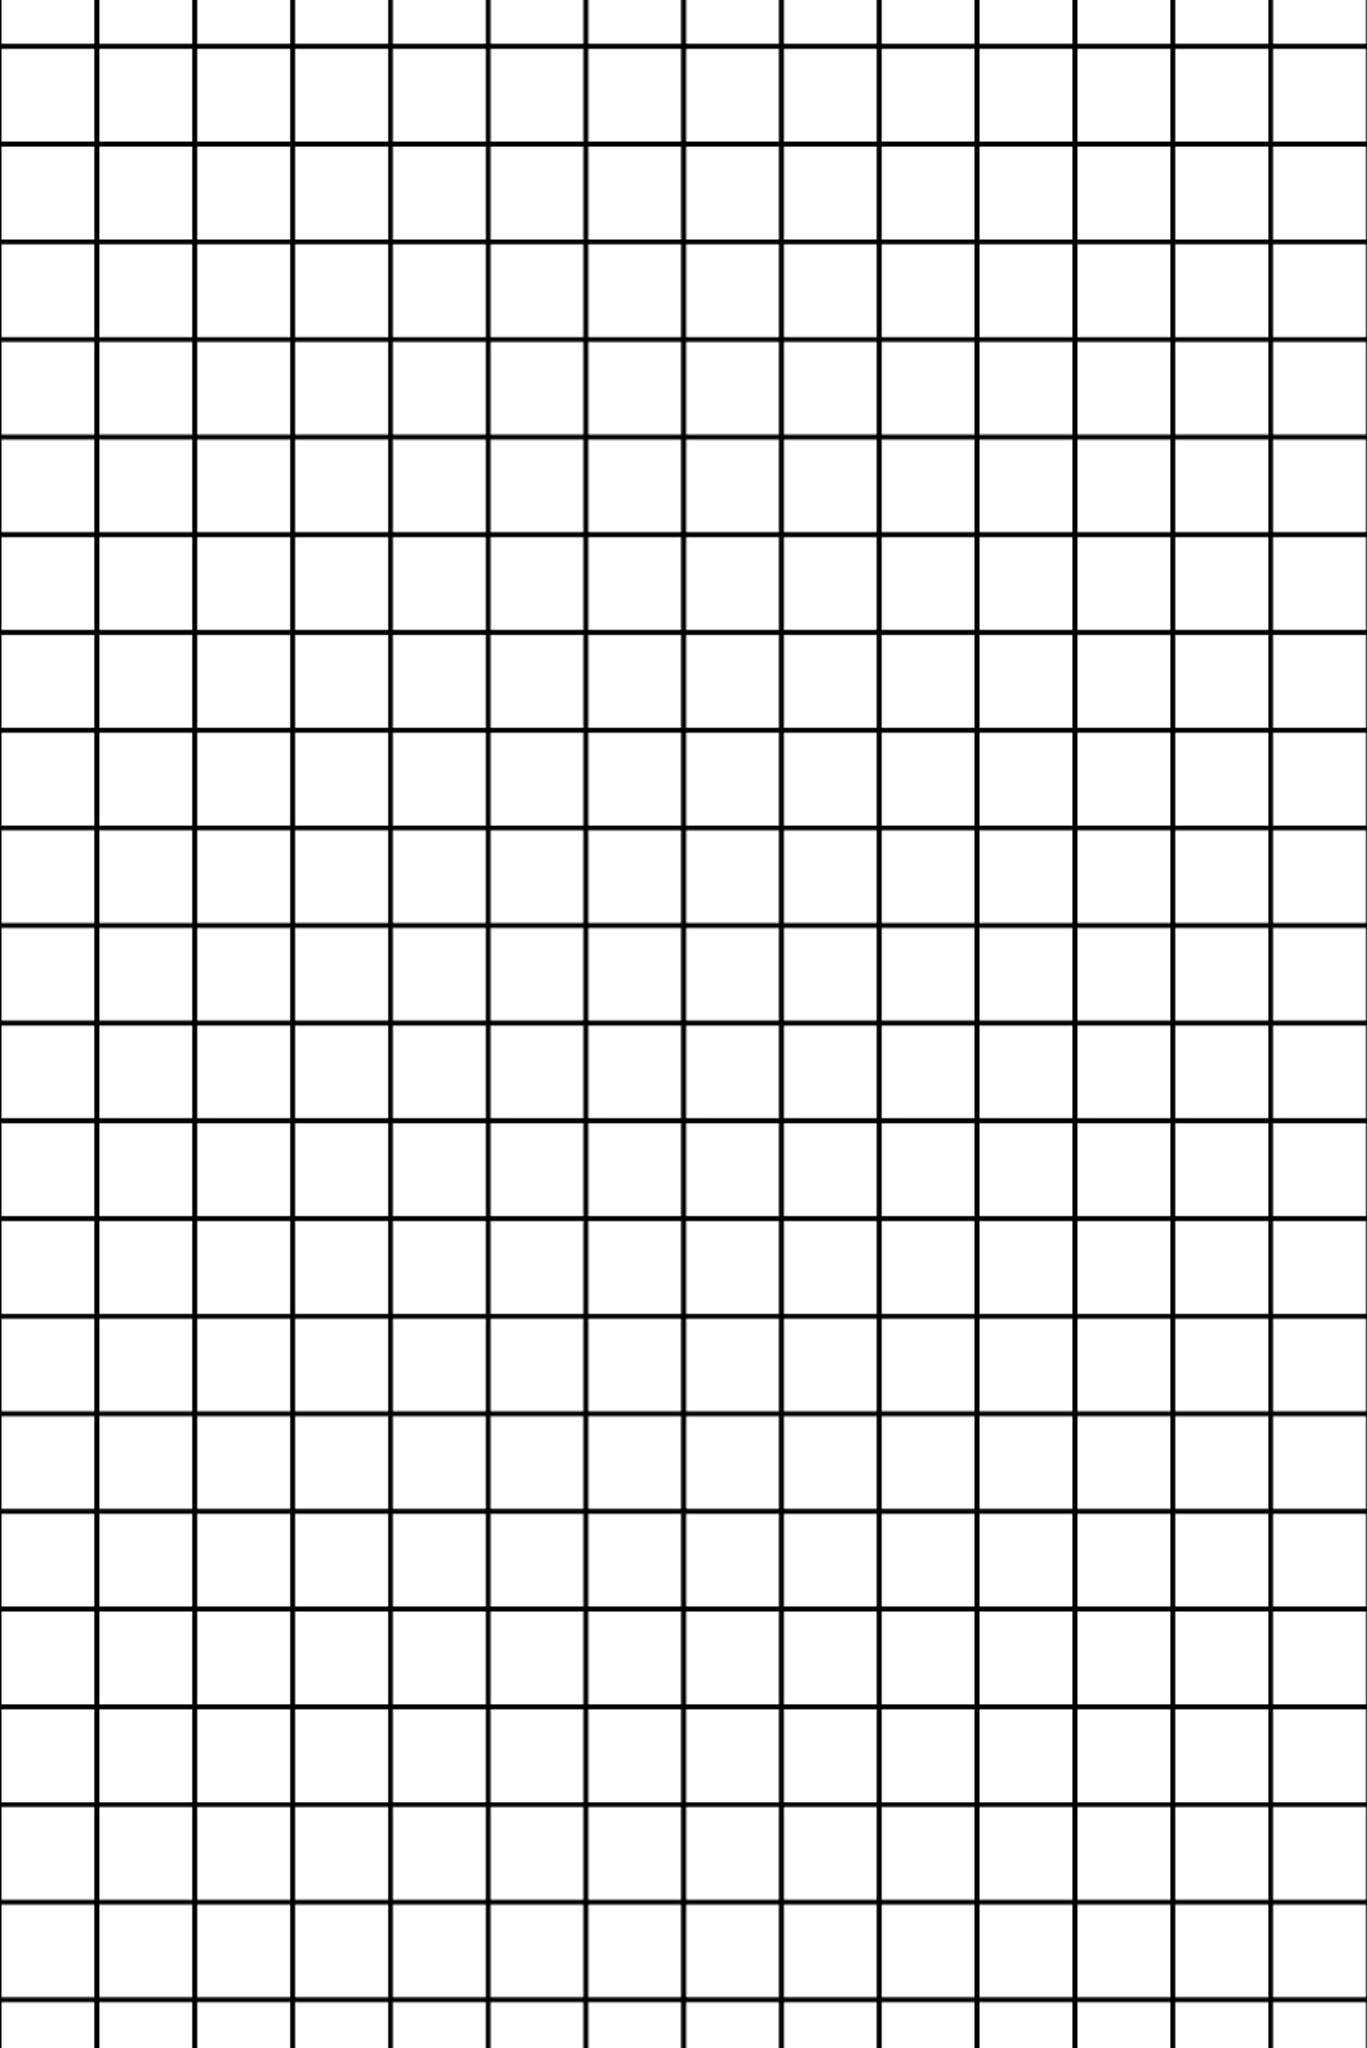 standard85 grid.jpg